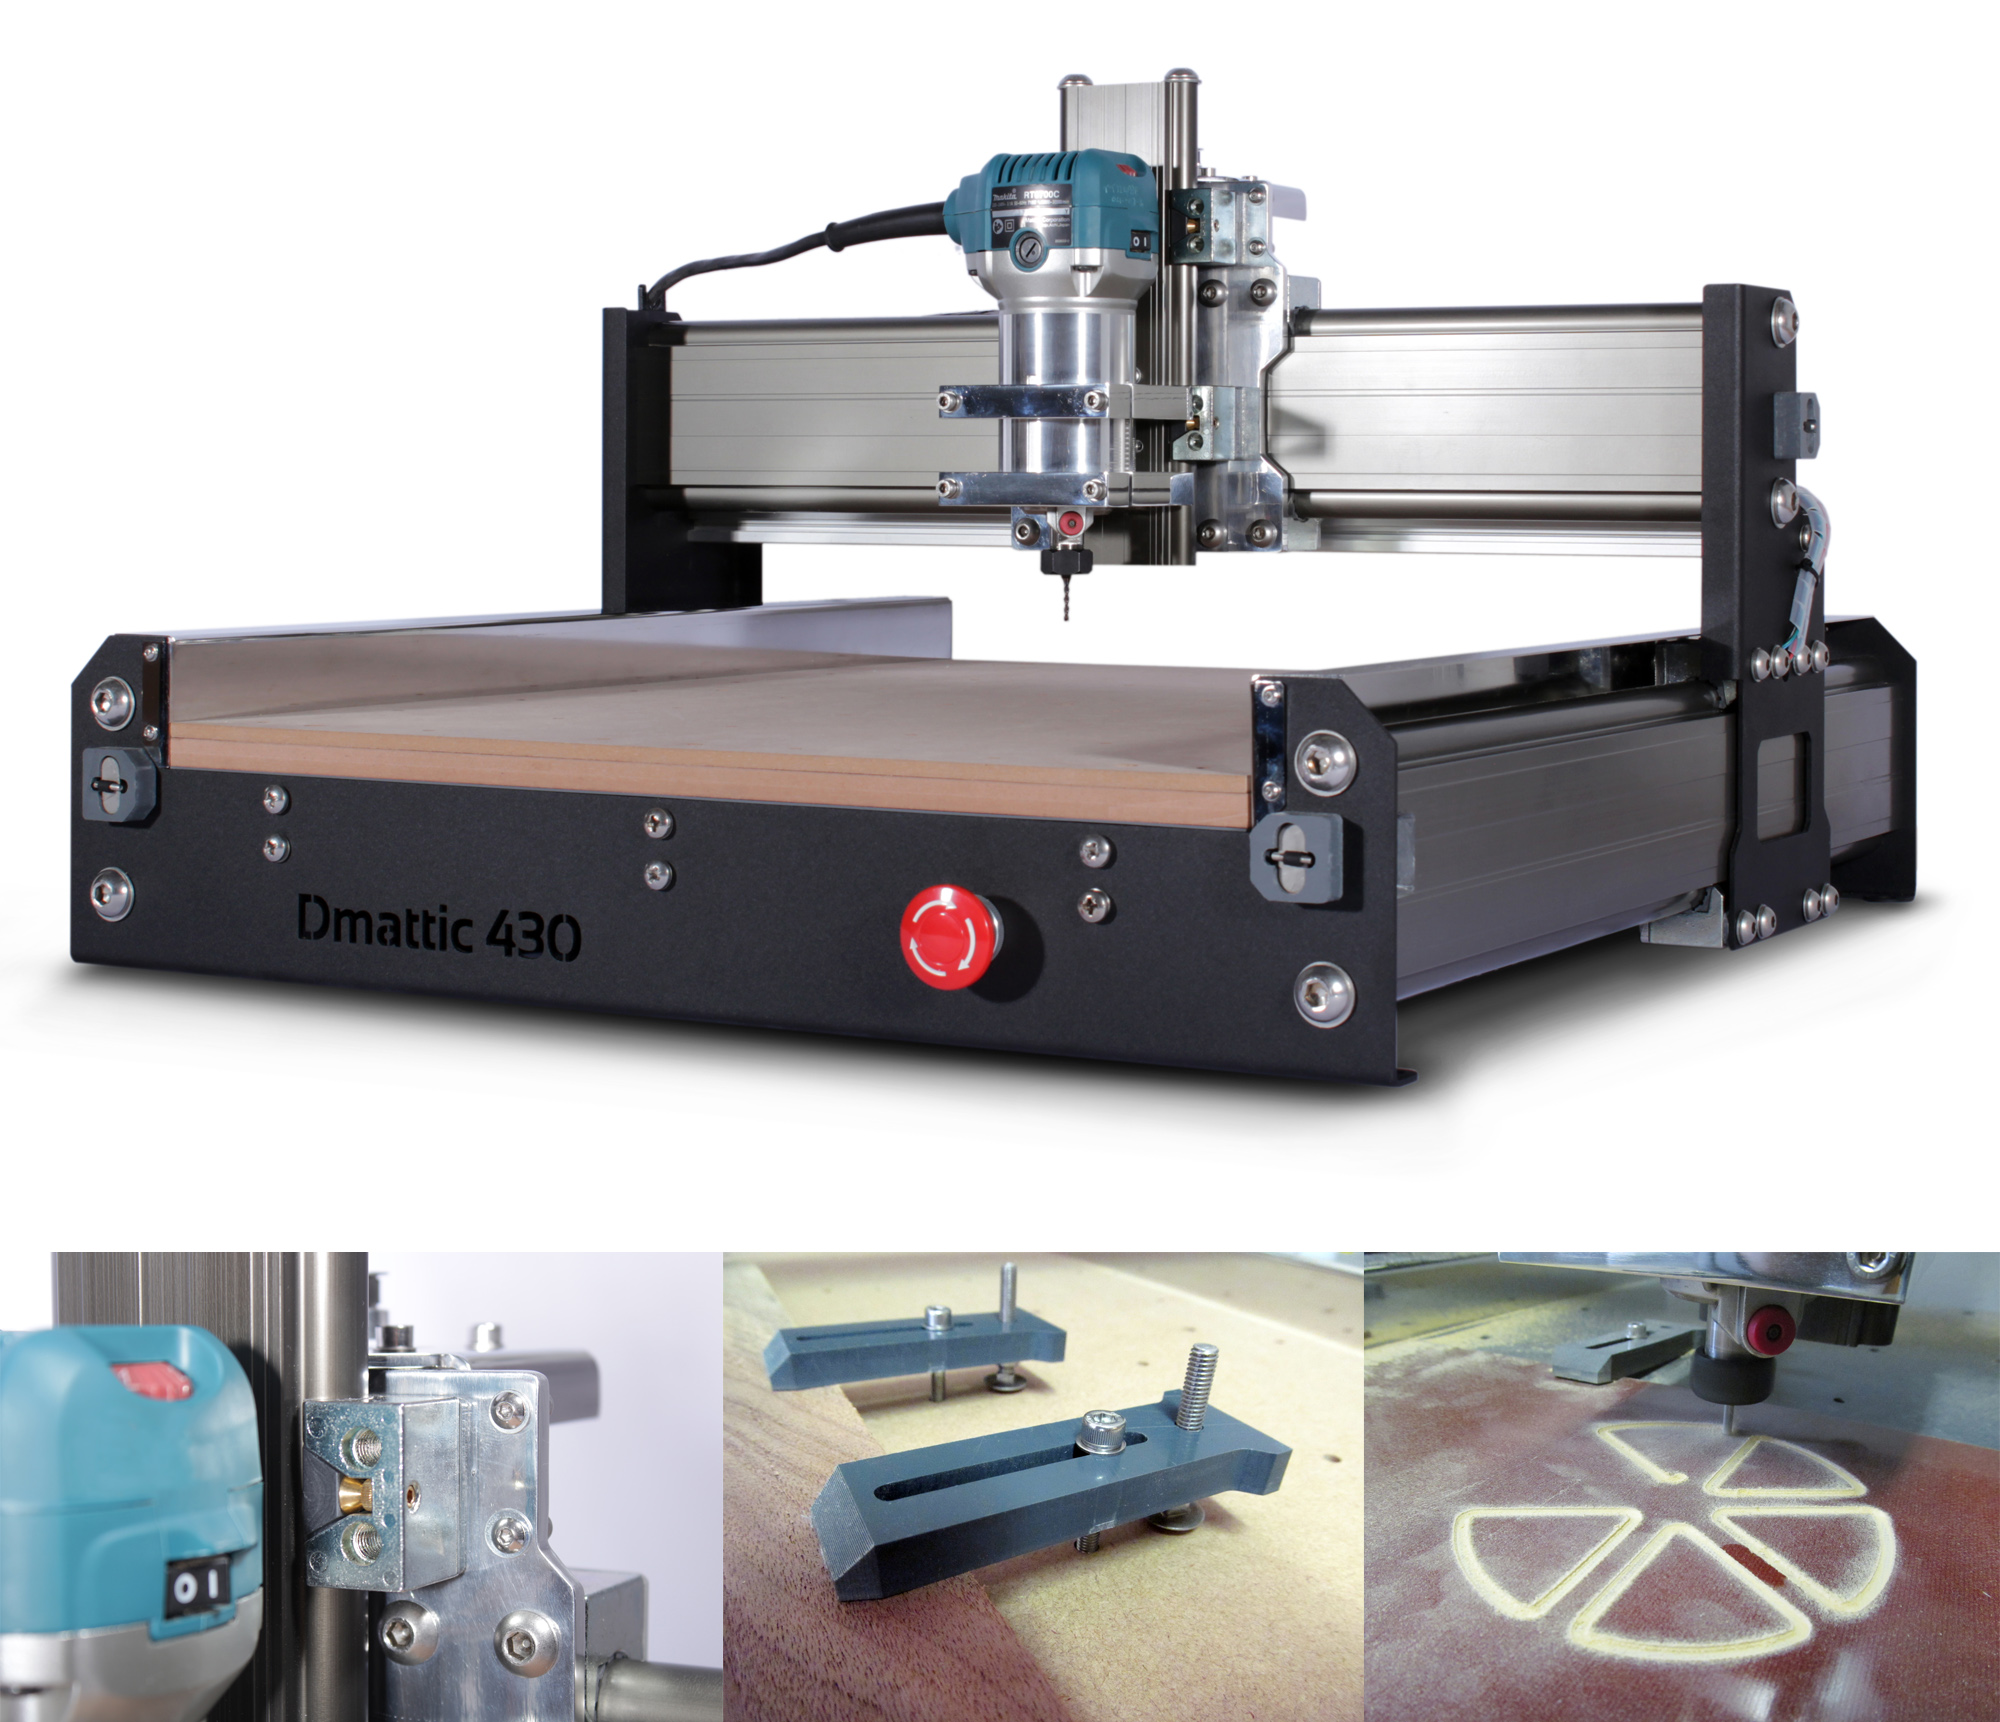 DMATTIC 430  - DESKTOP CNC ROUTER